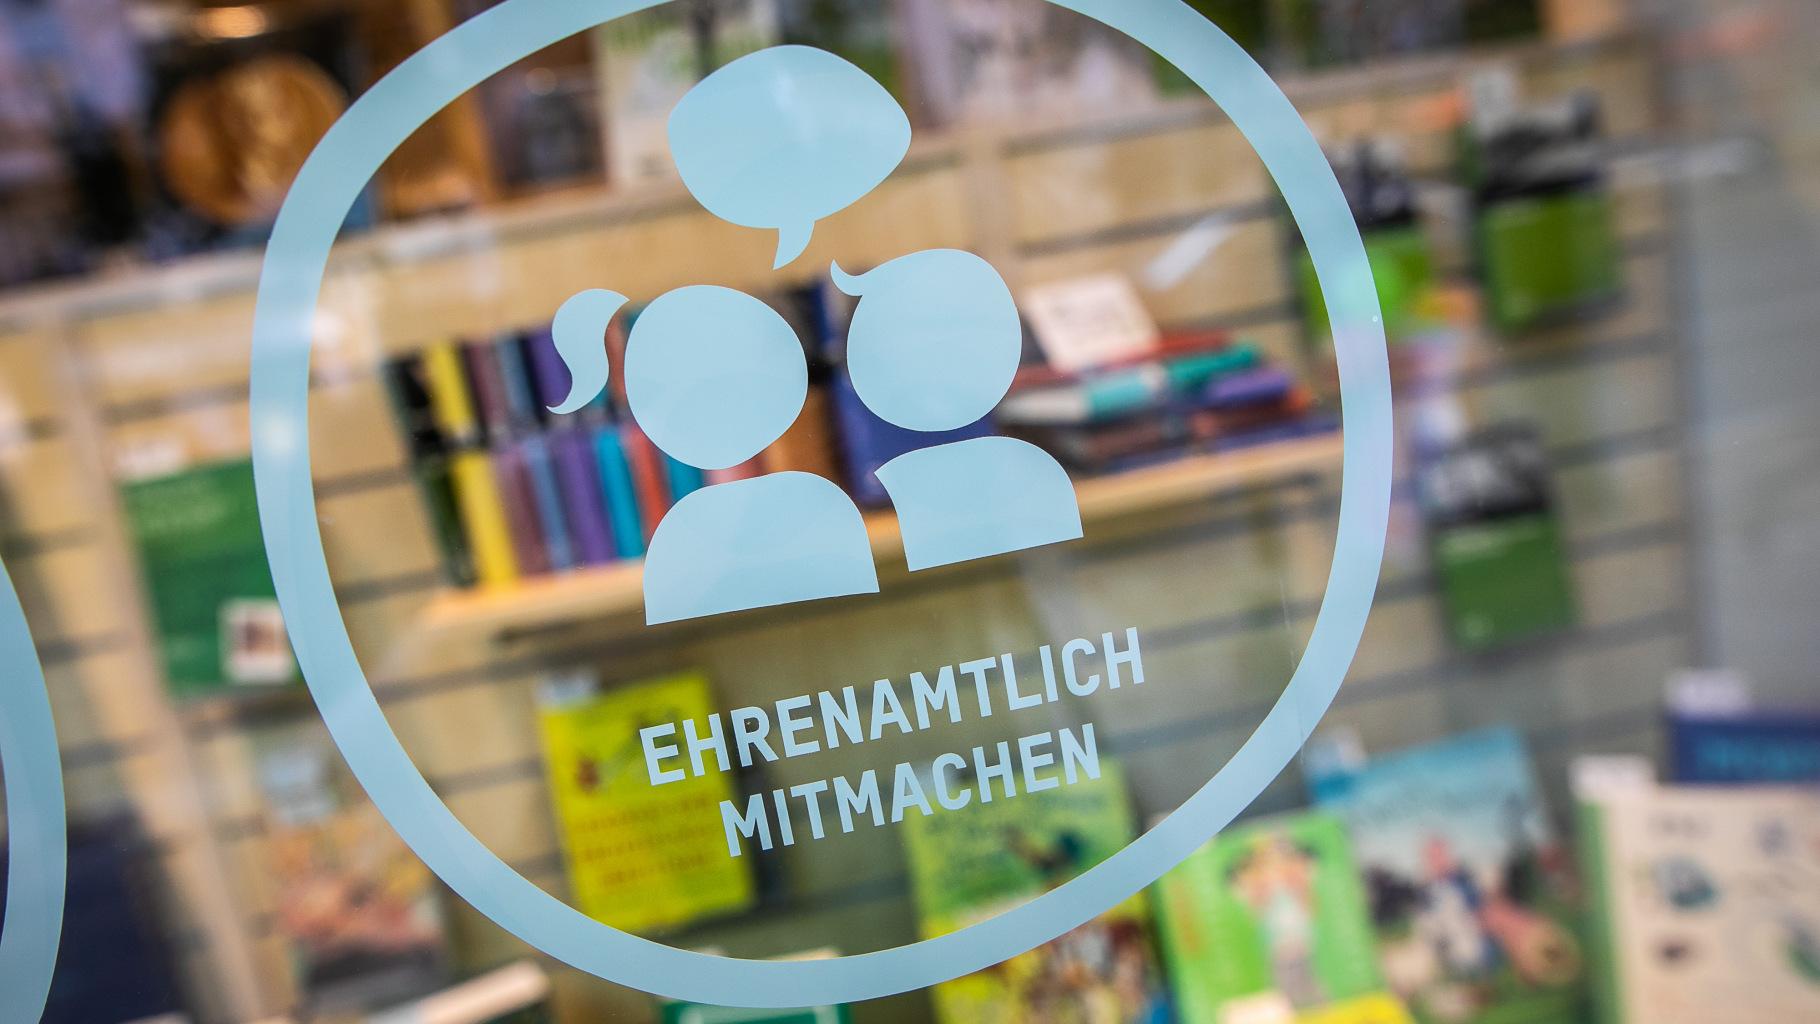 """Beklebung eines Schaufensters im Oxfam Shop: Ehrenamtlich mitmachen""""."""